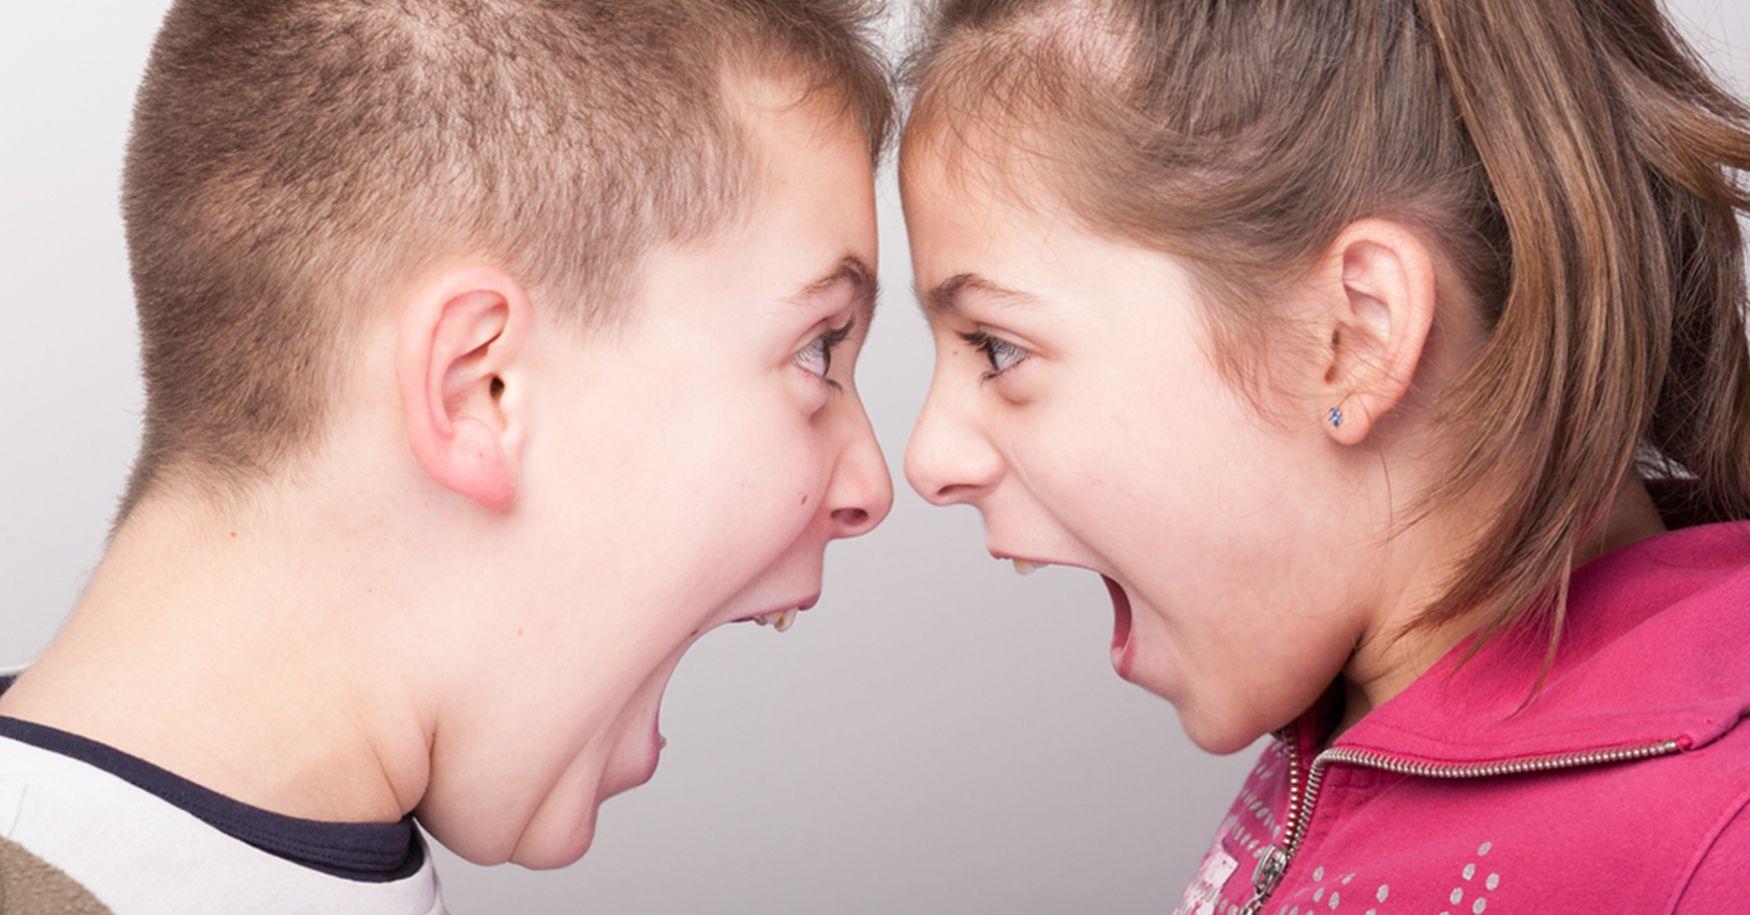 Streitende Kinder